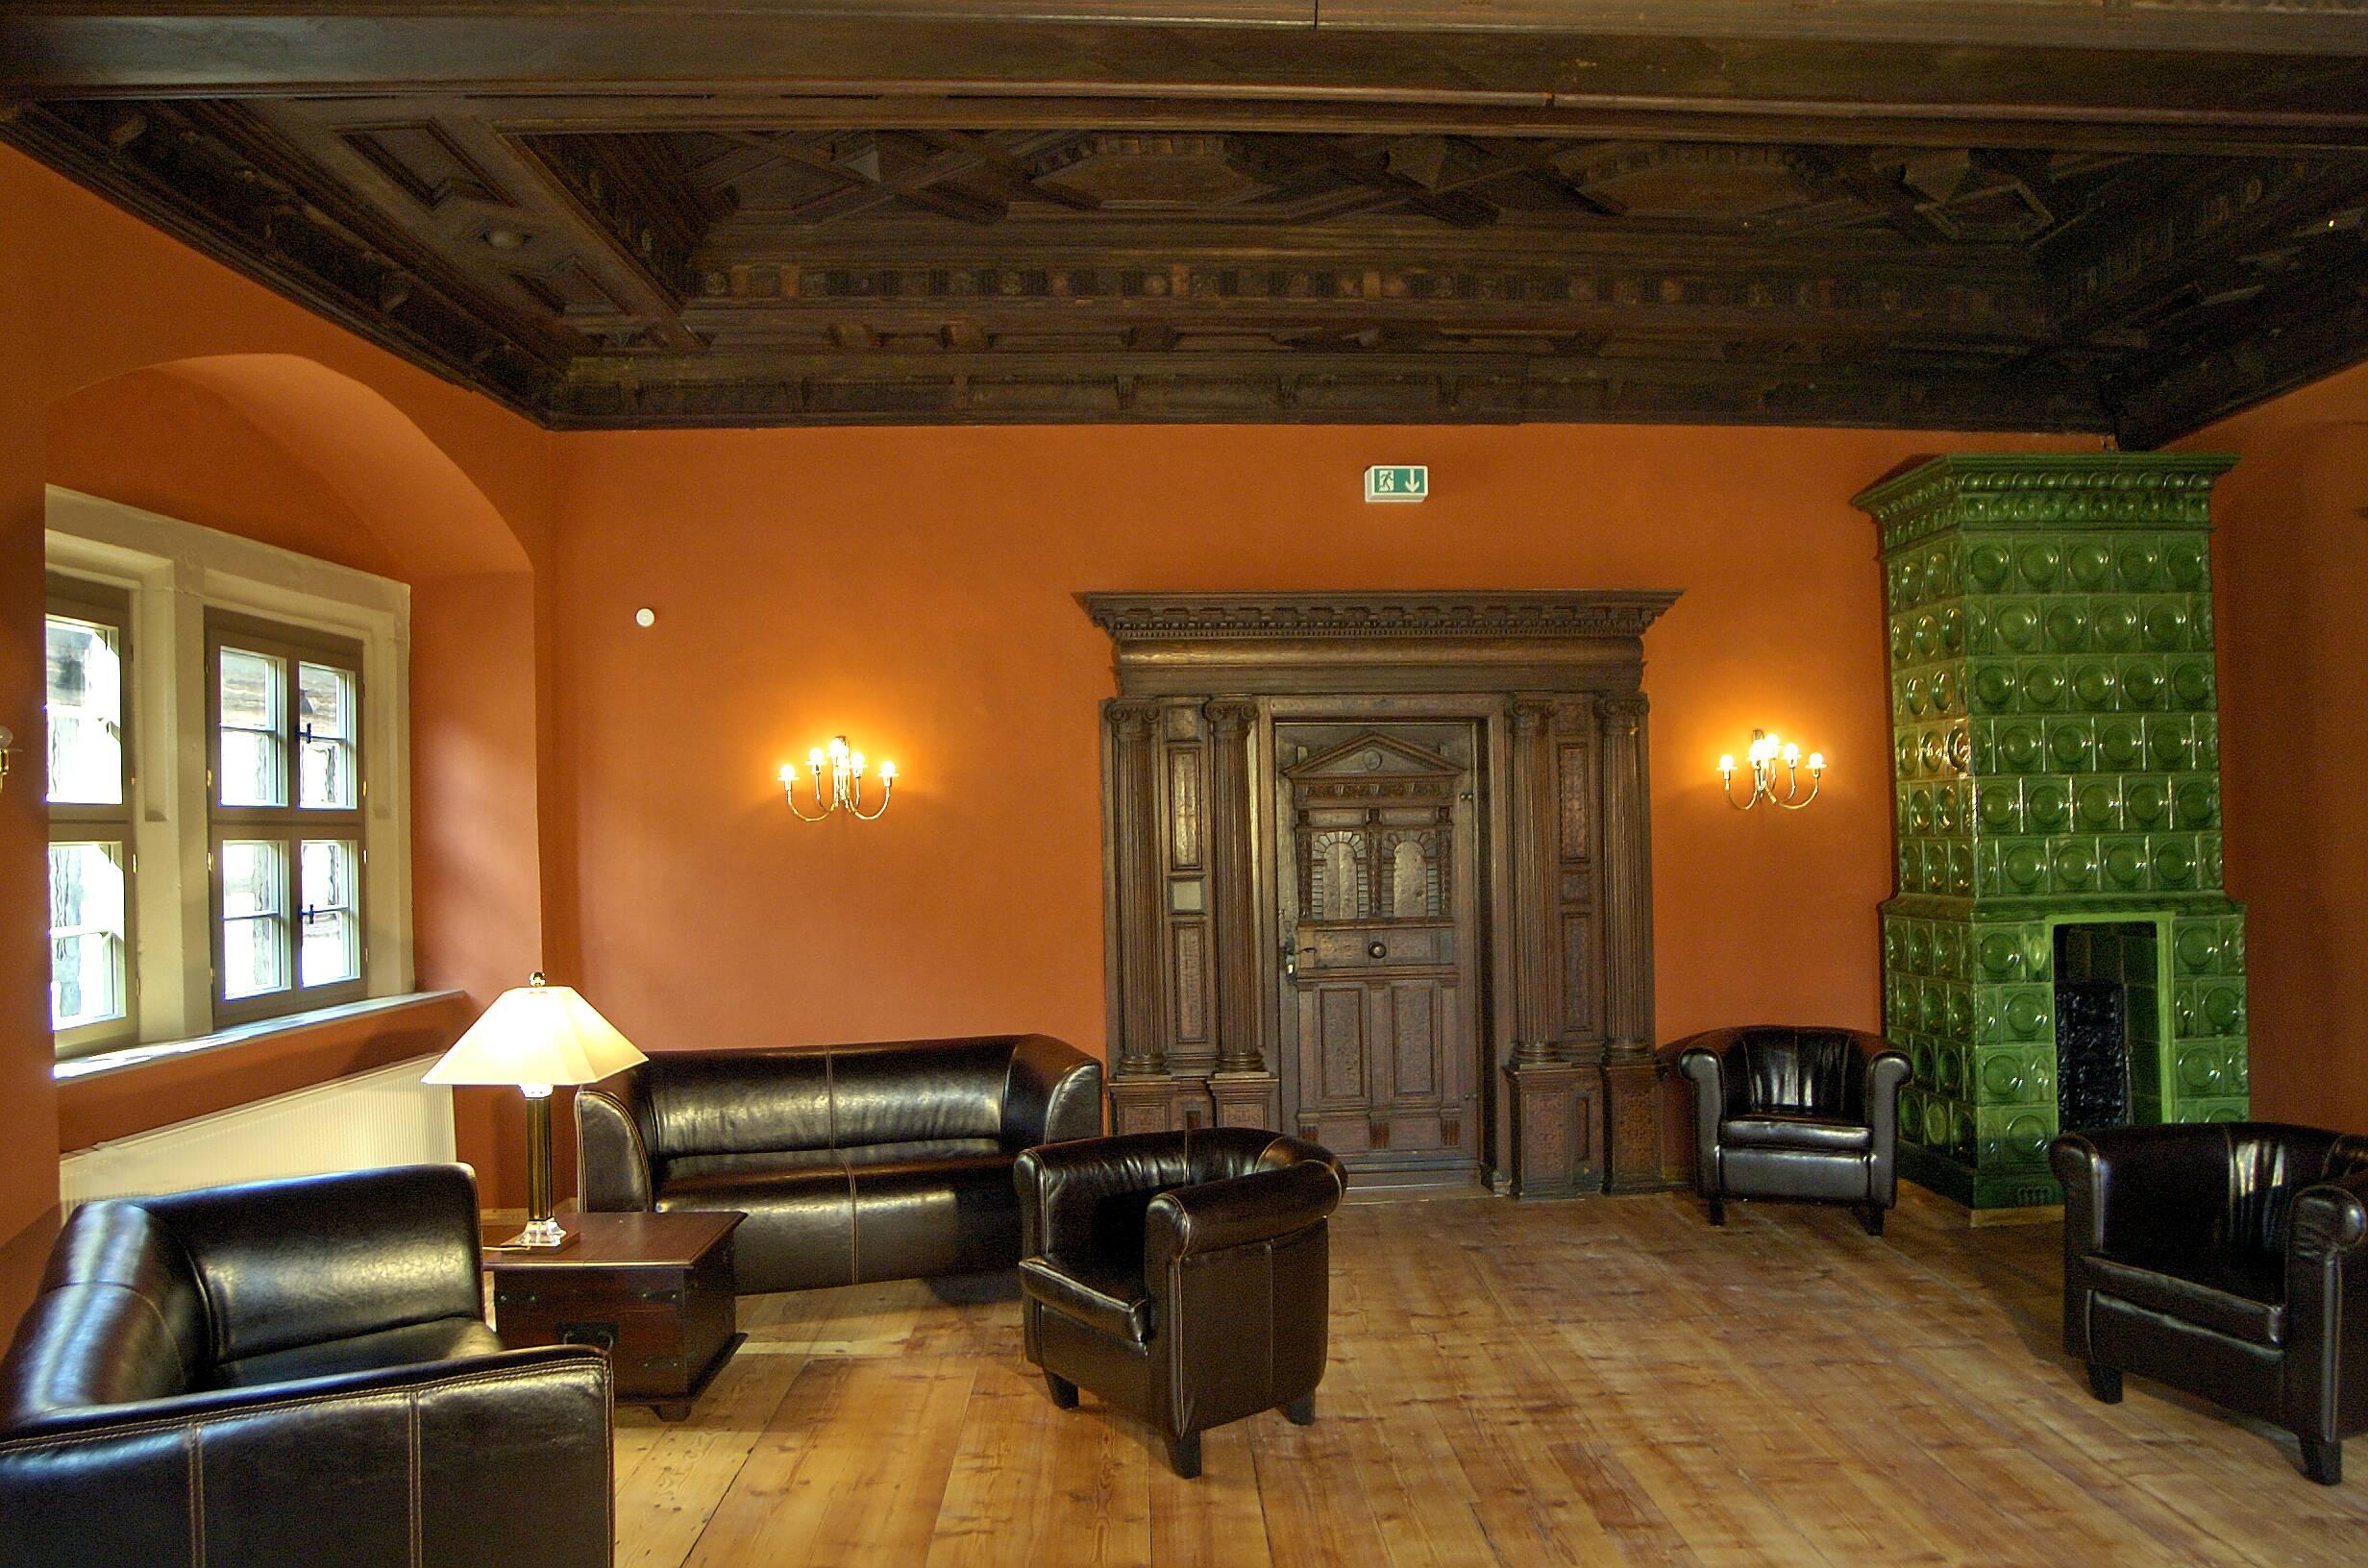 WYNDHAM Garden Quedlinburg Stadtschloss - Kaminzimmer